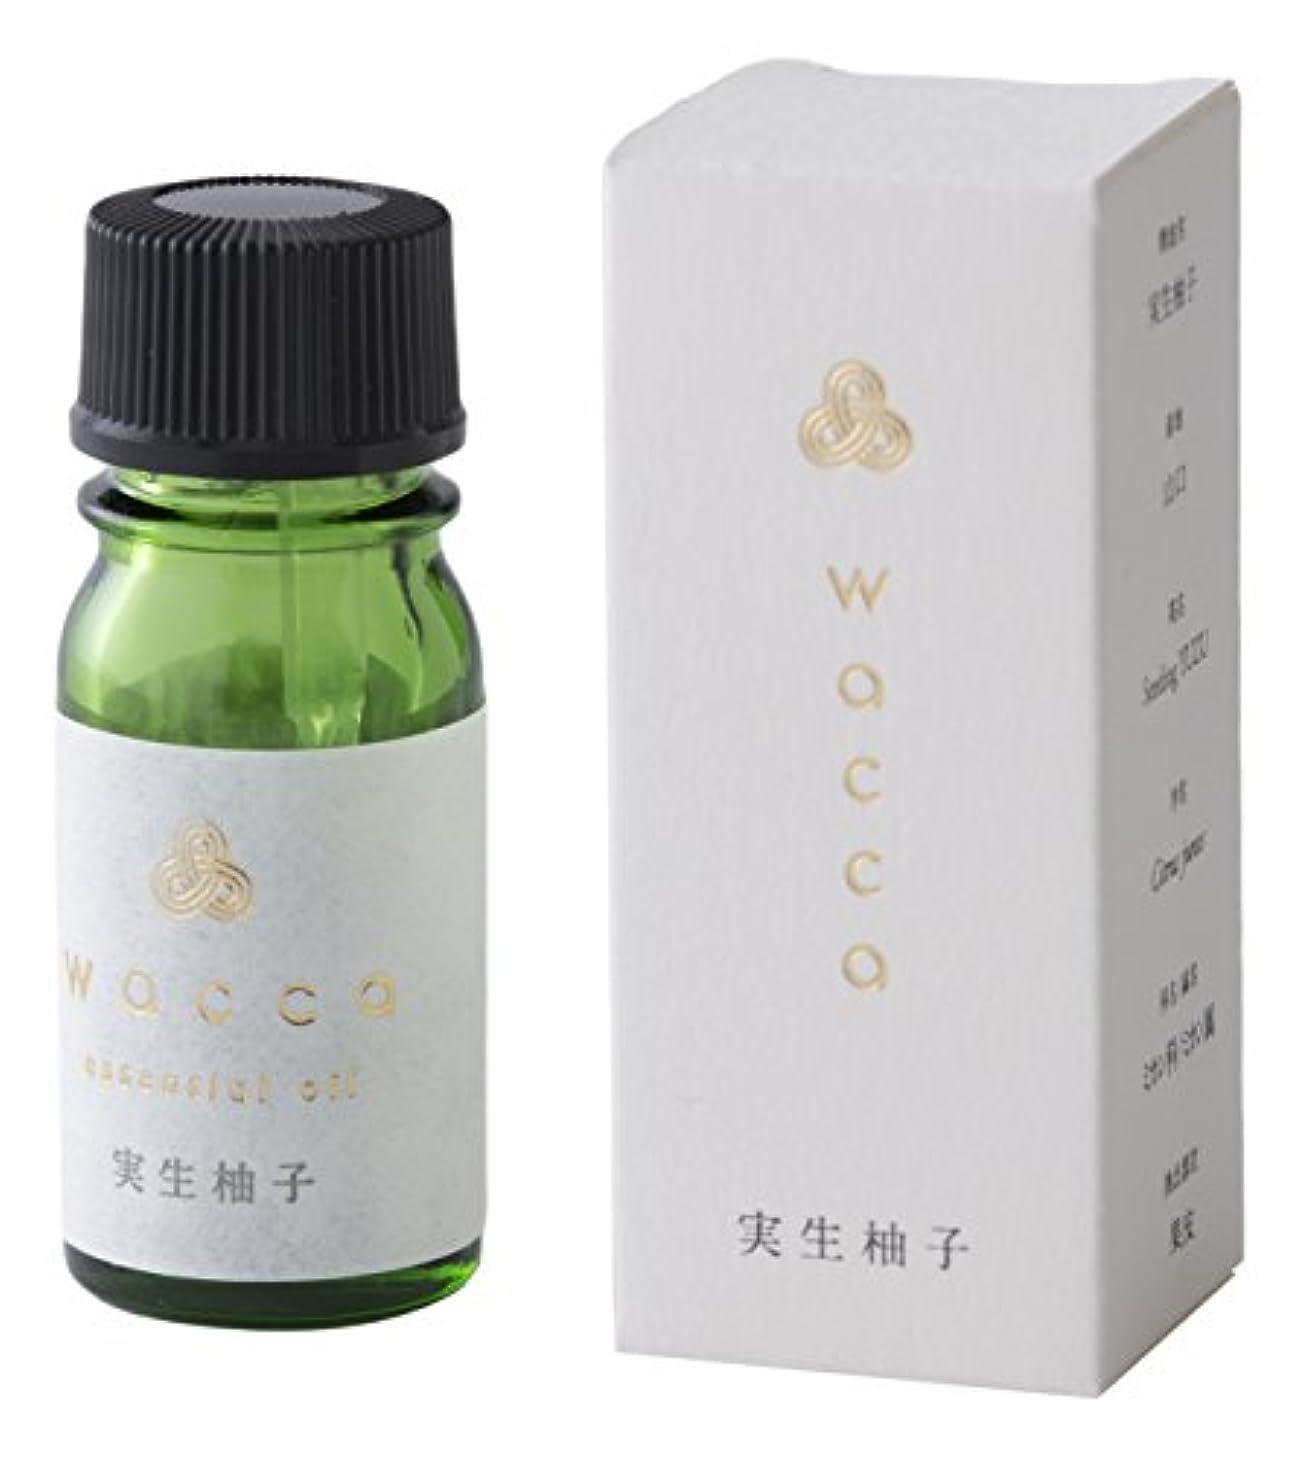 六月焦げブランドwacca ワッカ エッセンシャルオイル 3ml 実生柚子 ミショウユズ seedling yuzu essential oil 和精油 KUSU HANDMADE